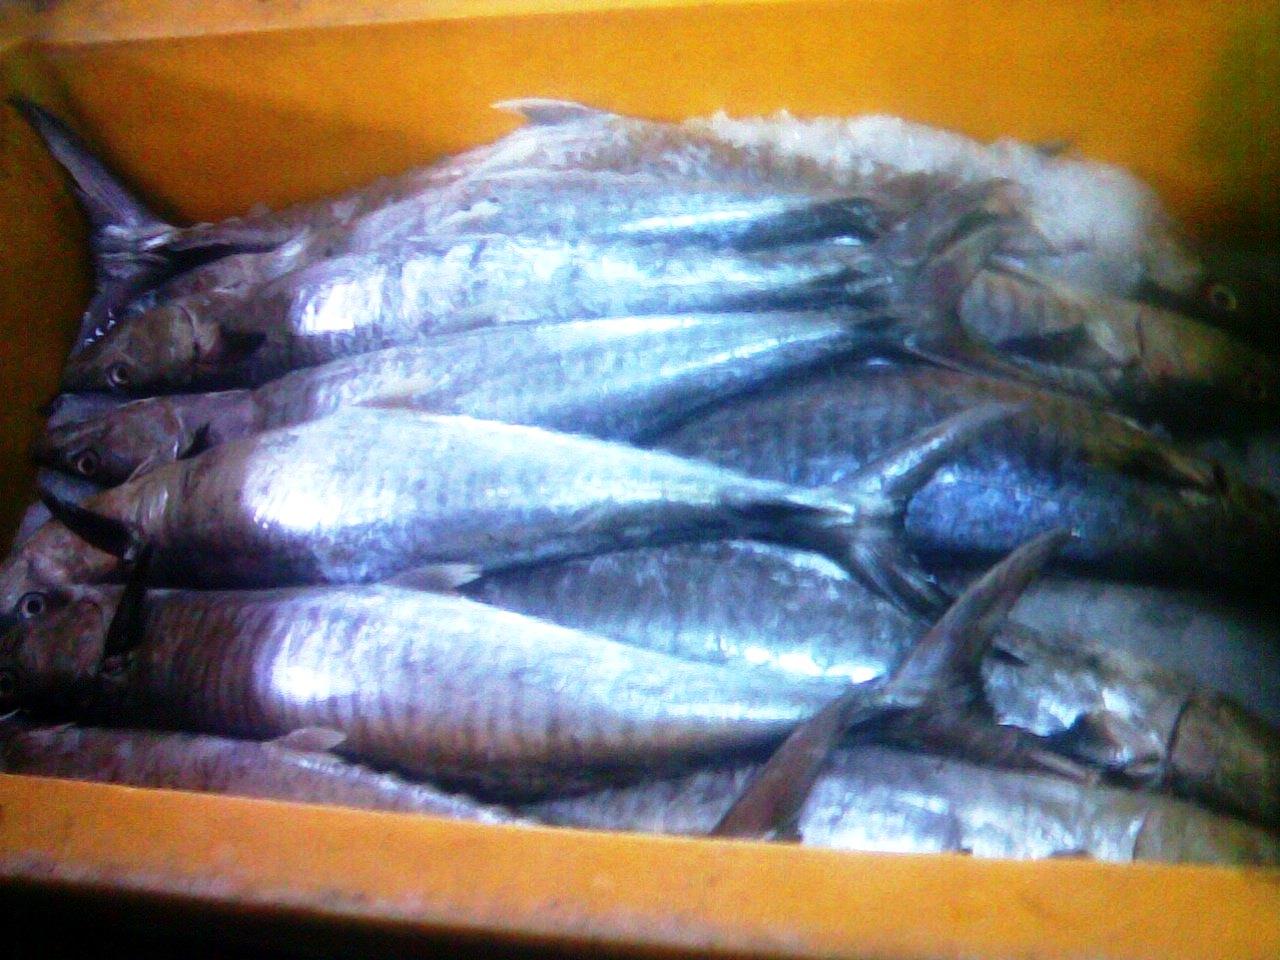 Ikan laut beku